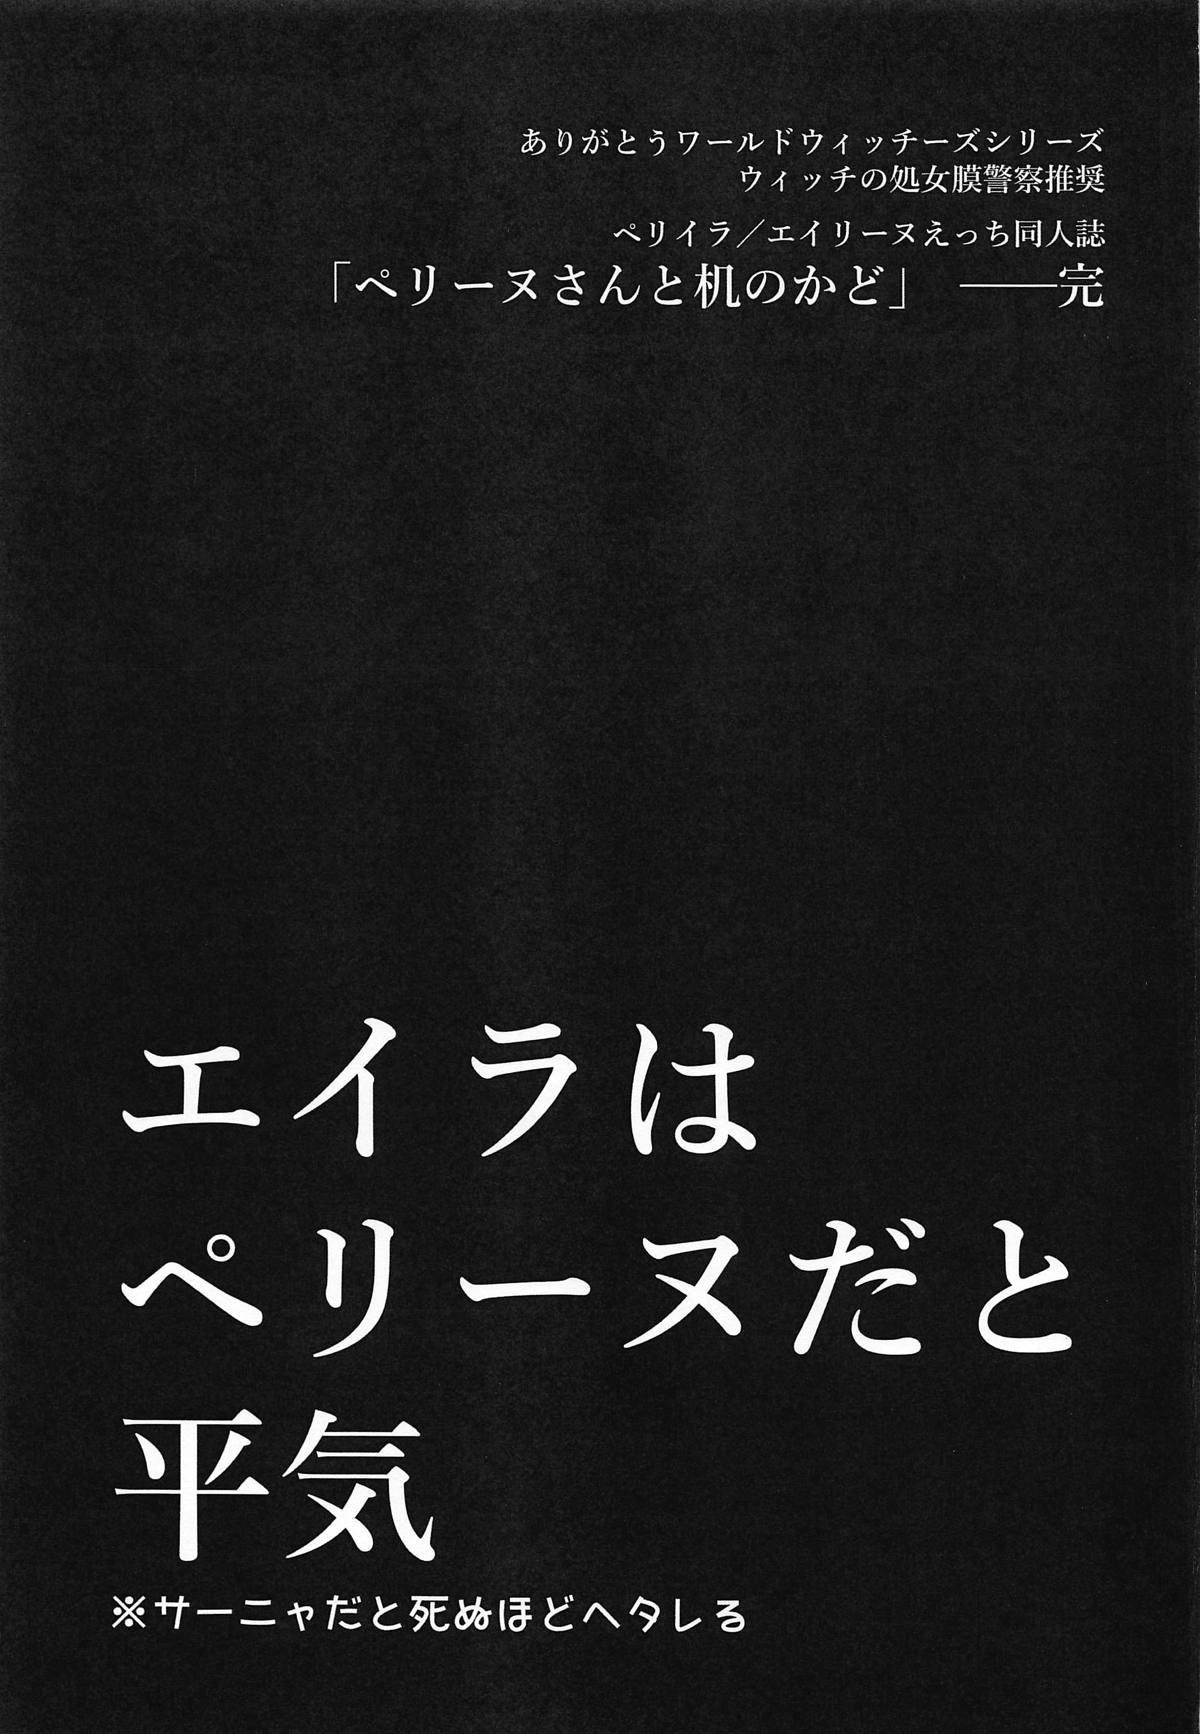 Perrine-san to Tsukue no Kado 23